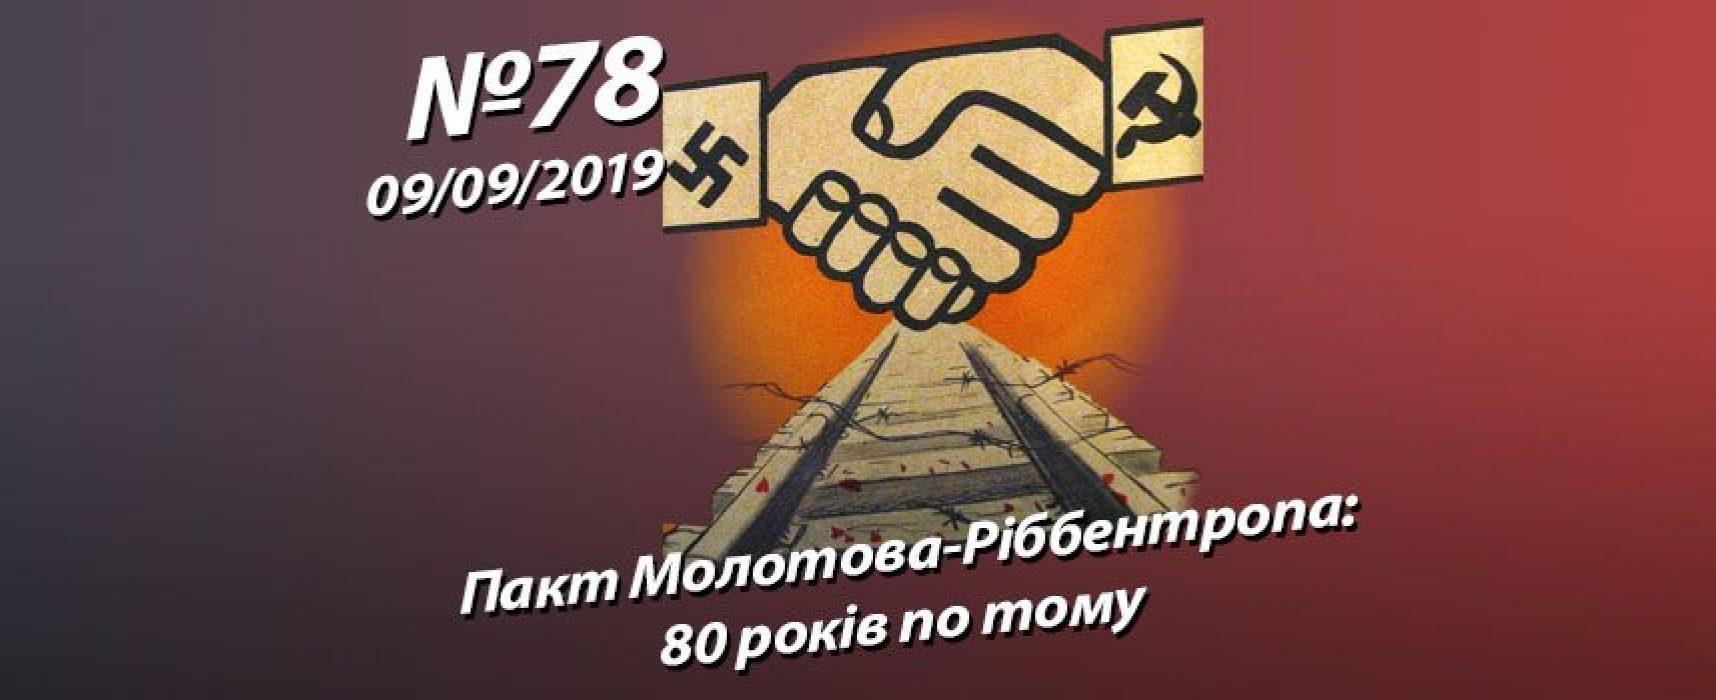 Пакт Молотова-Ріббентропа: 80 років по тому – StopFake.org